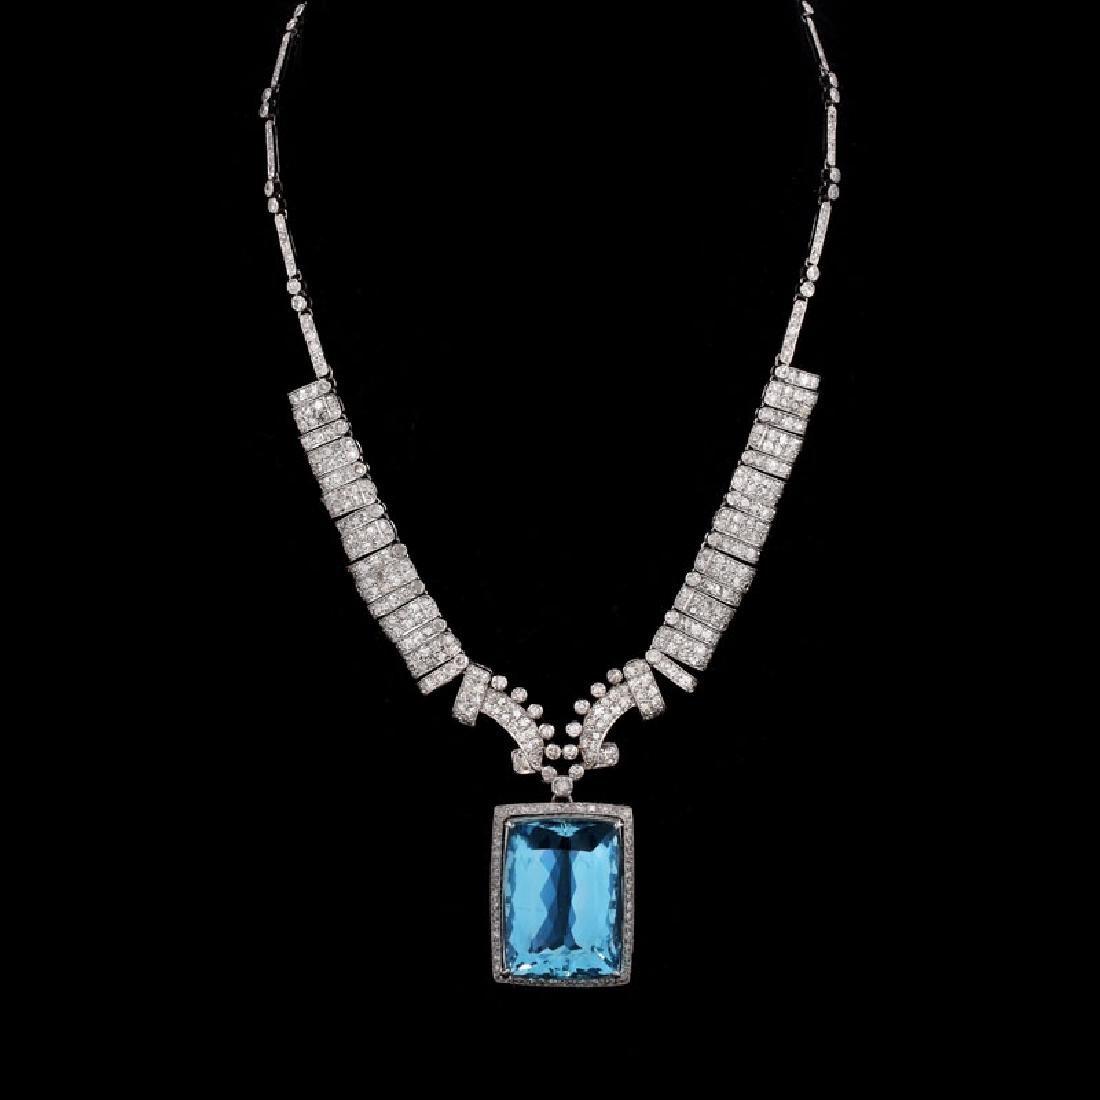 Art Deco Large Aquamarine, Diamond and Platinum Pendant